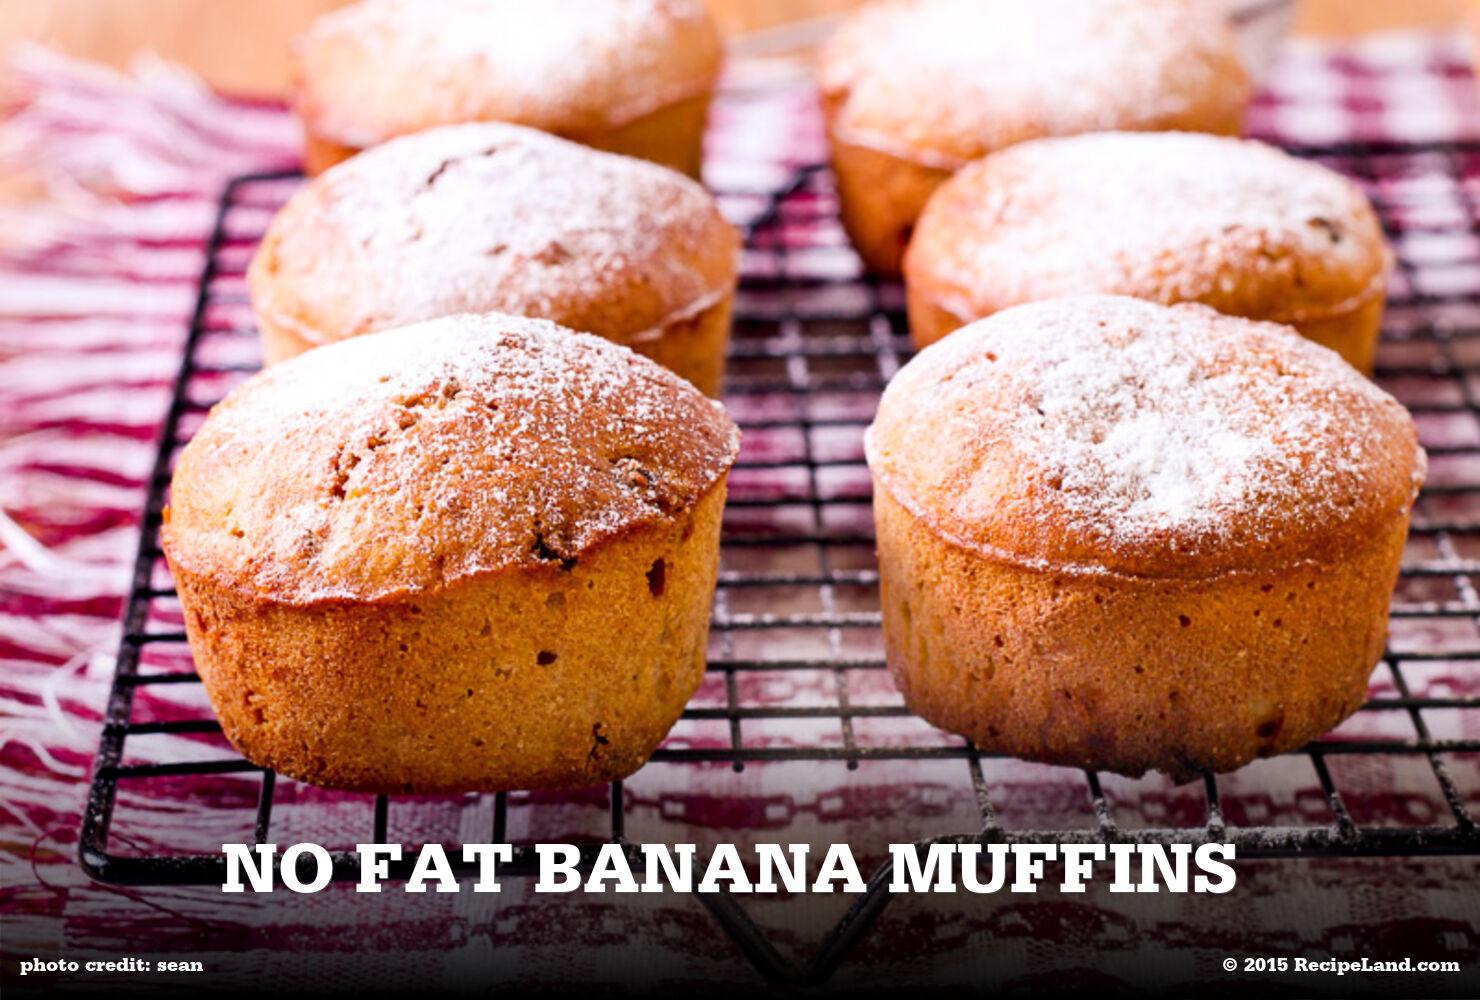 No Fat Banana Muffins